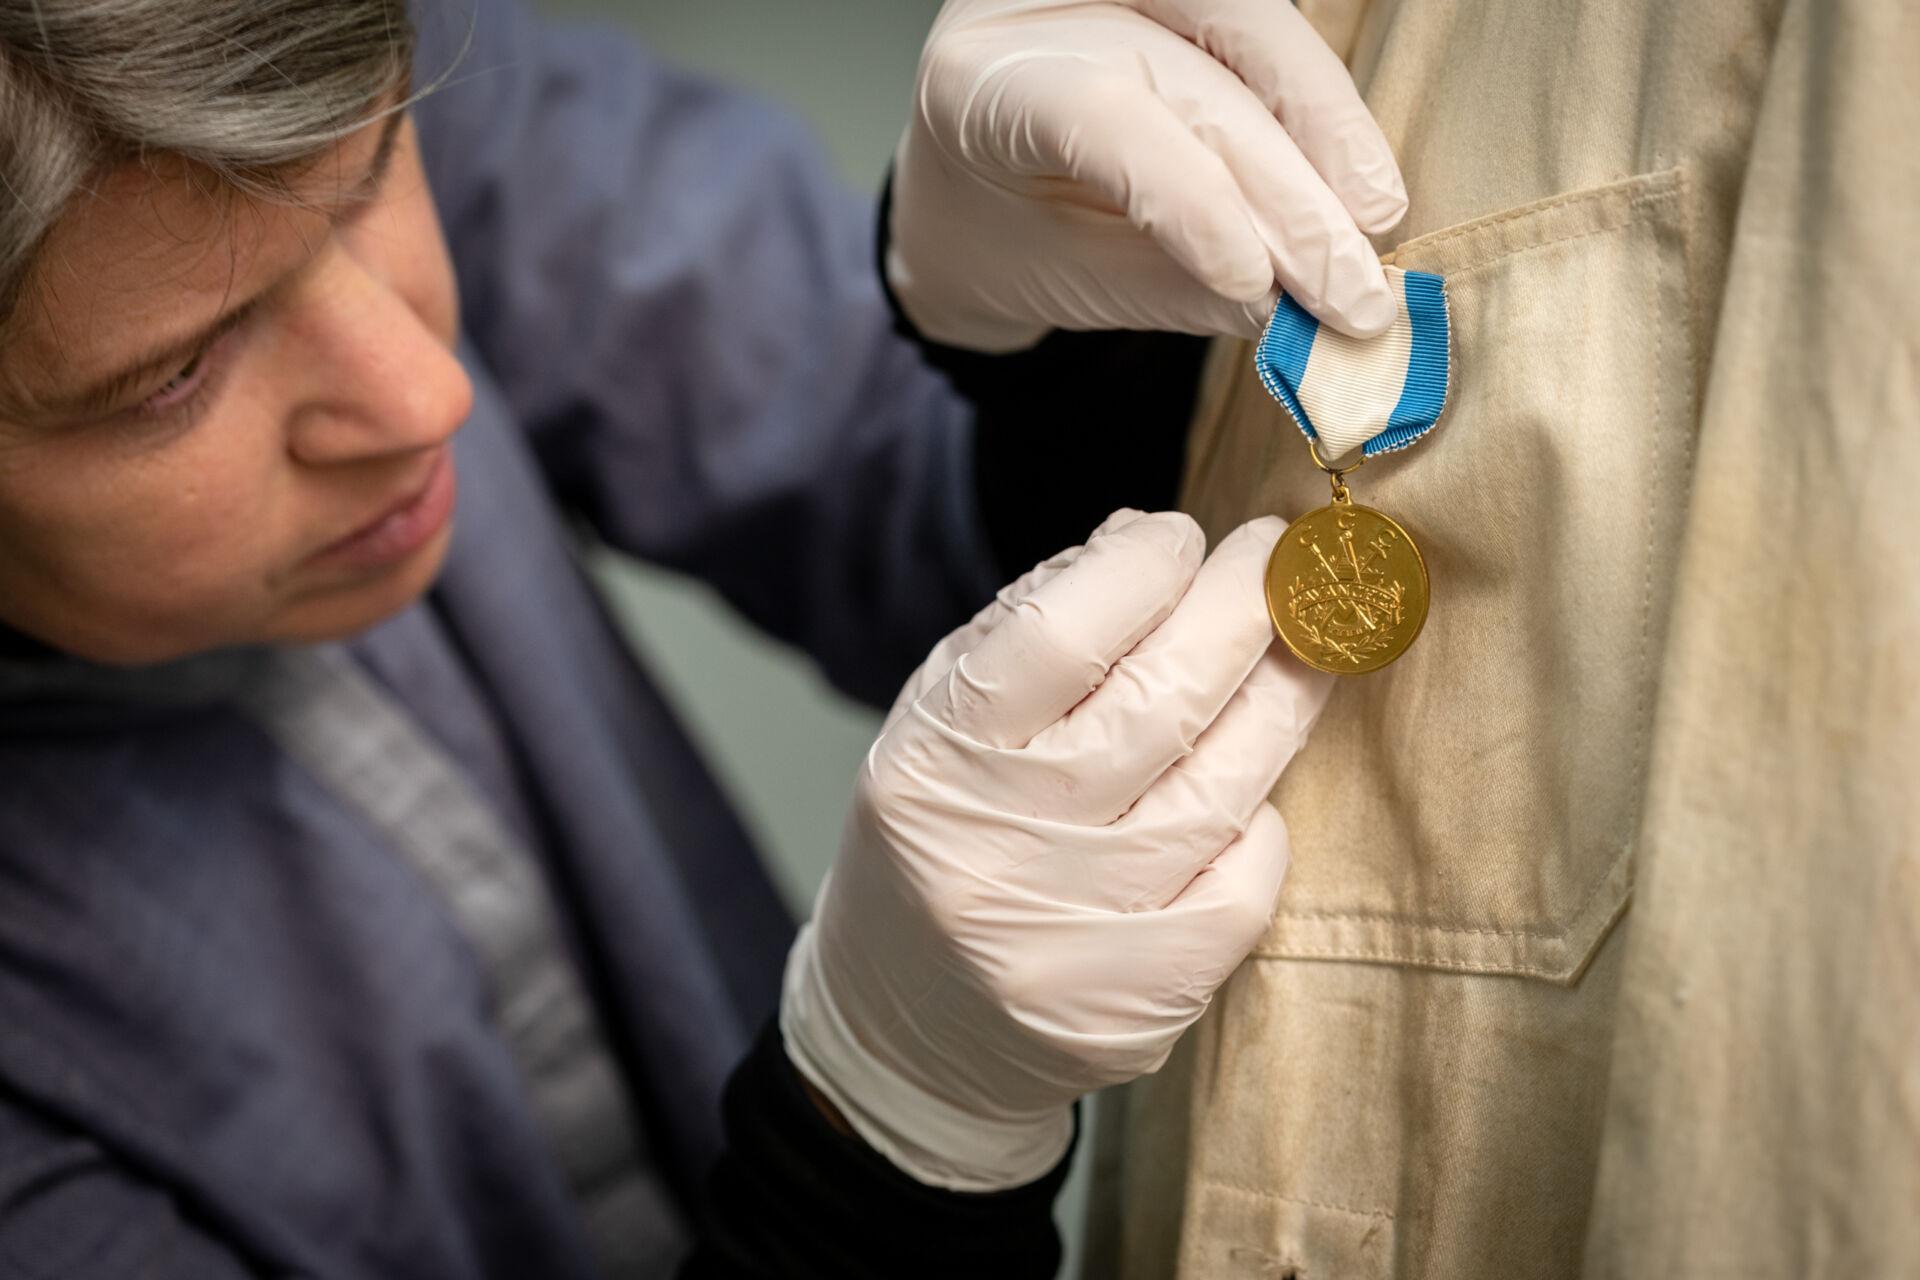 En kvinna med vita handskar synar en medalj på rockens bröstficka